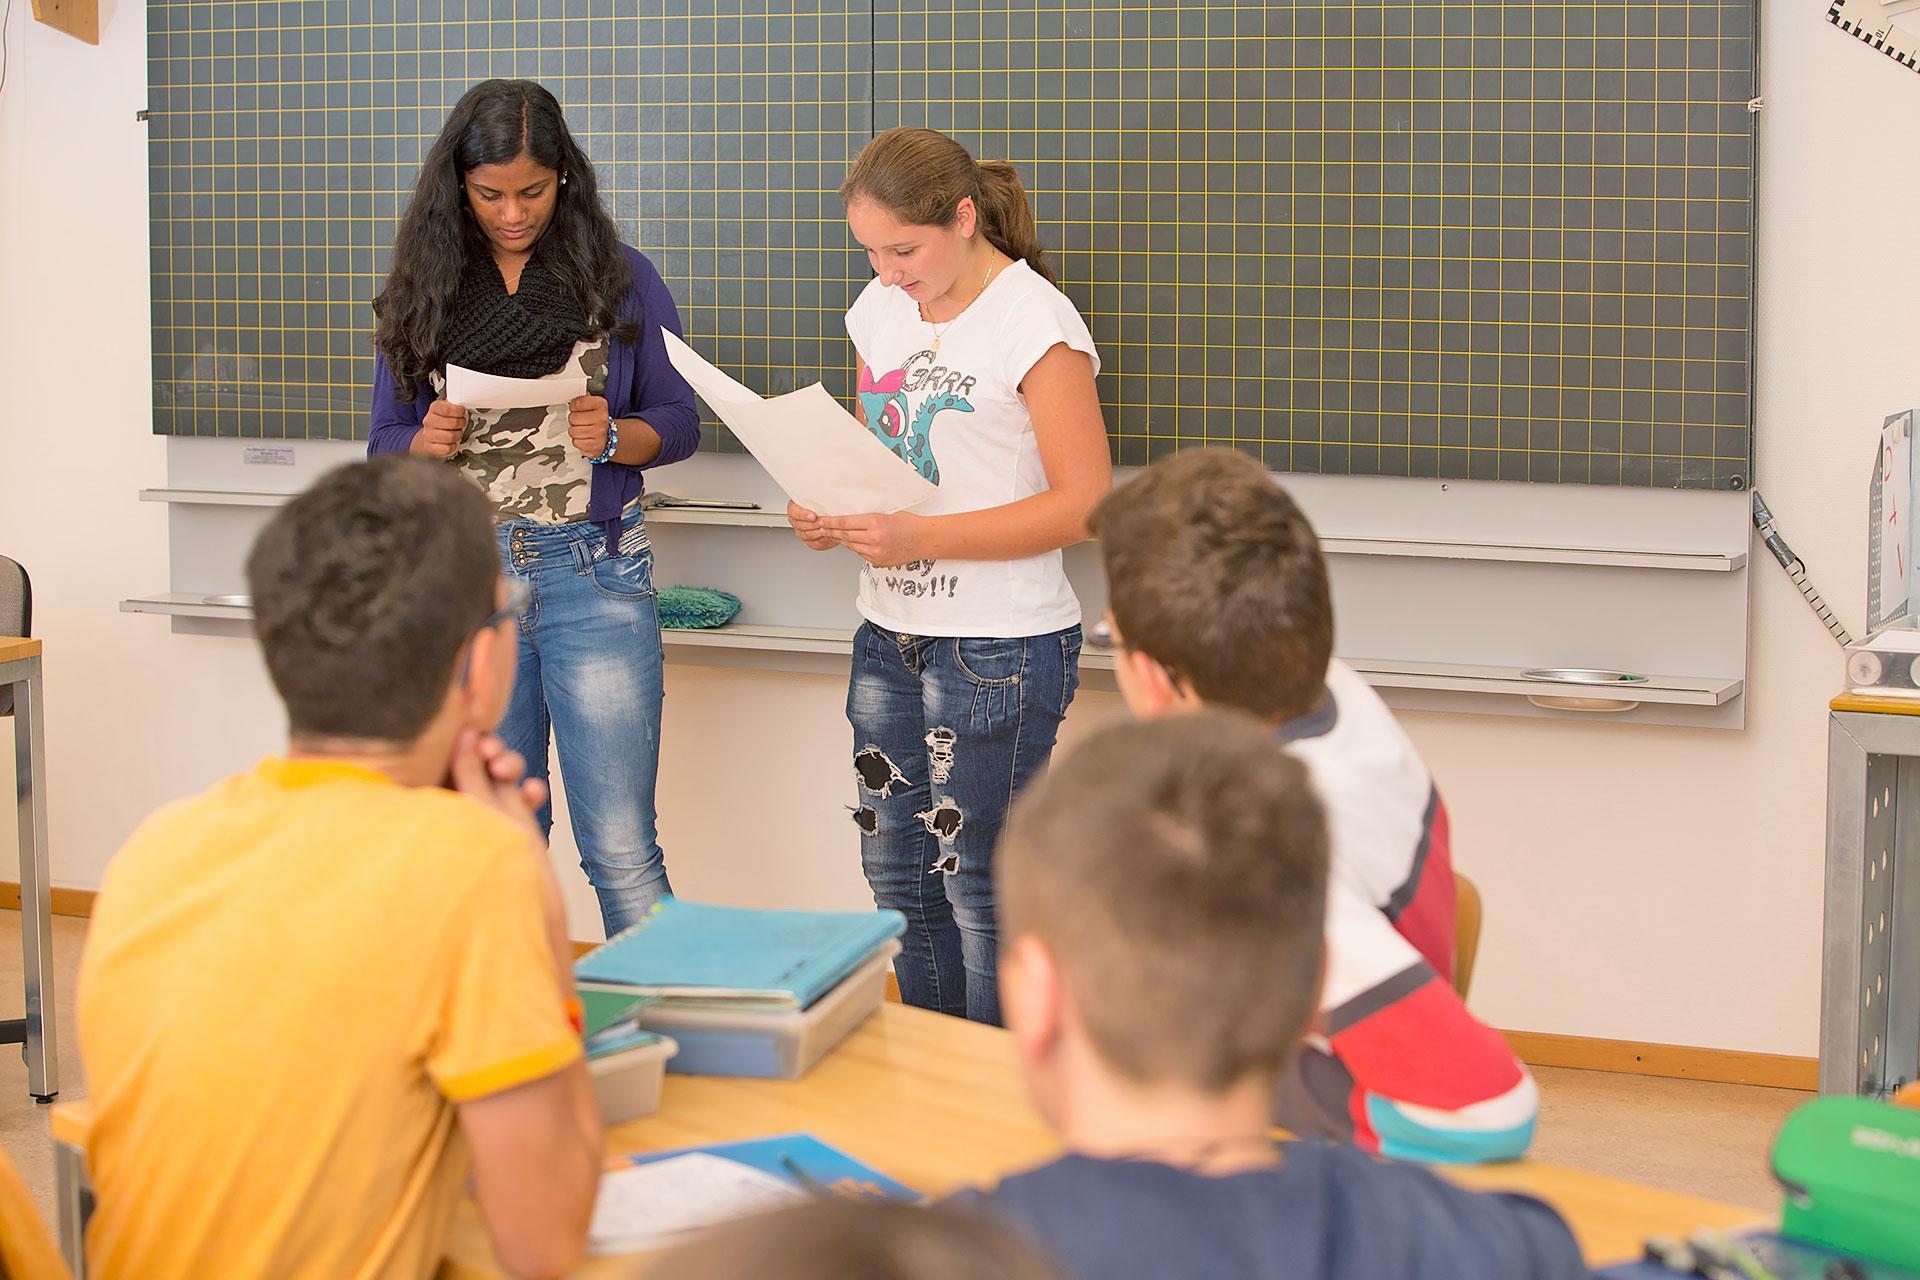 zwei Schülerinnen halten einen Vortrag